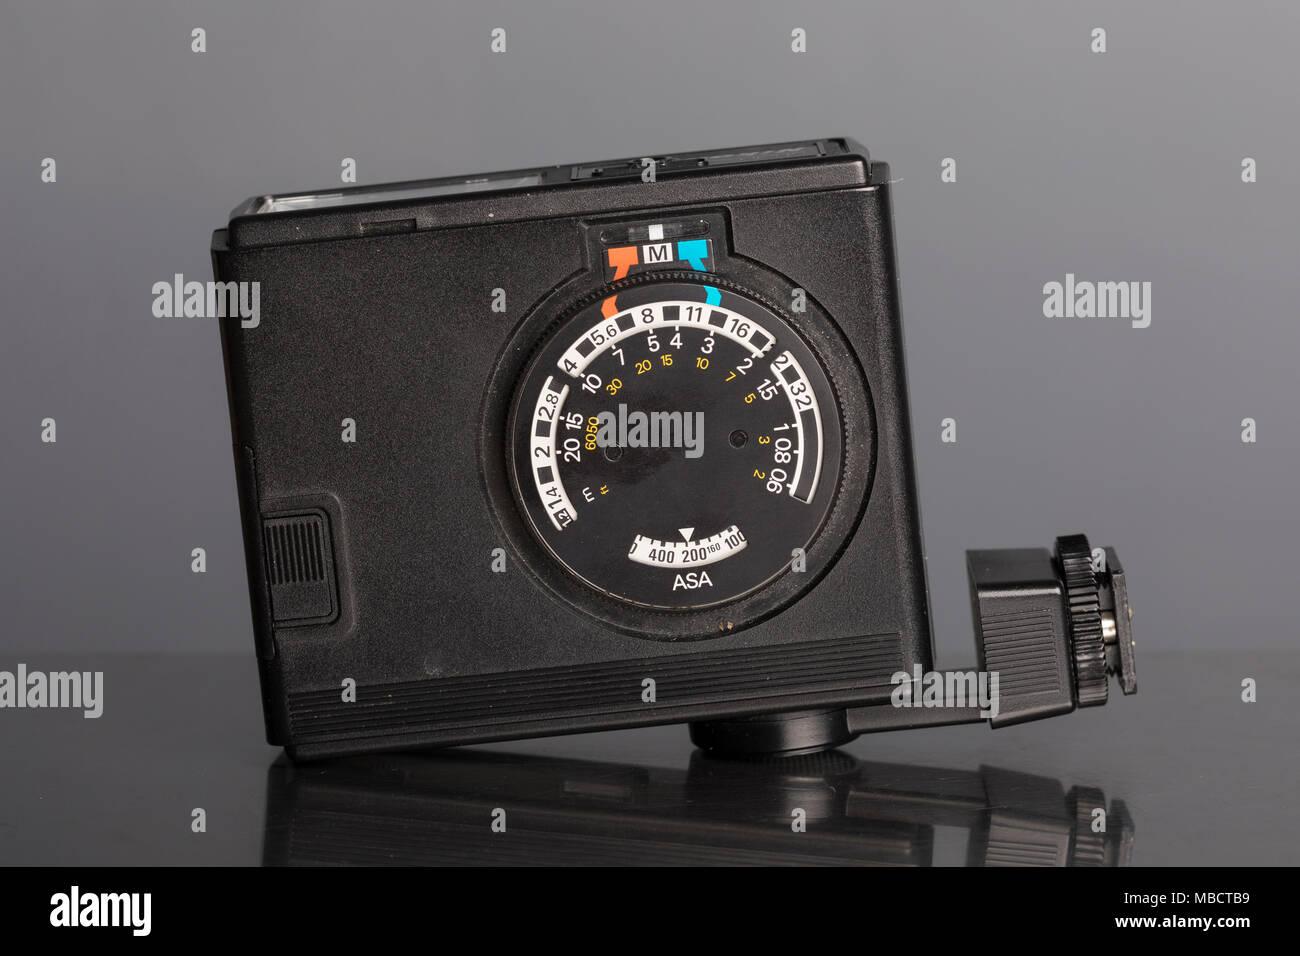 Nikon Speedlight SB-10 flashgun - Stock Image